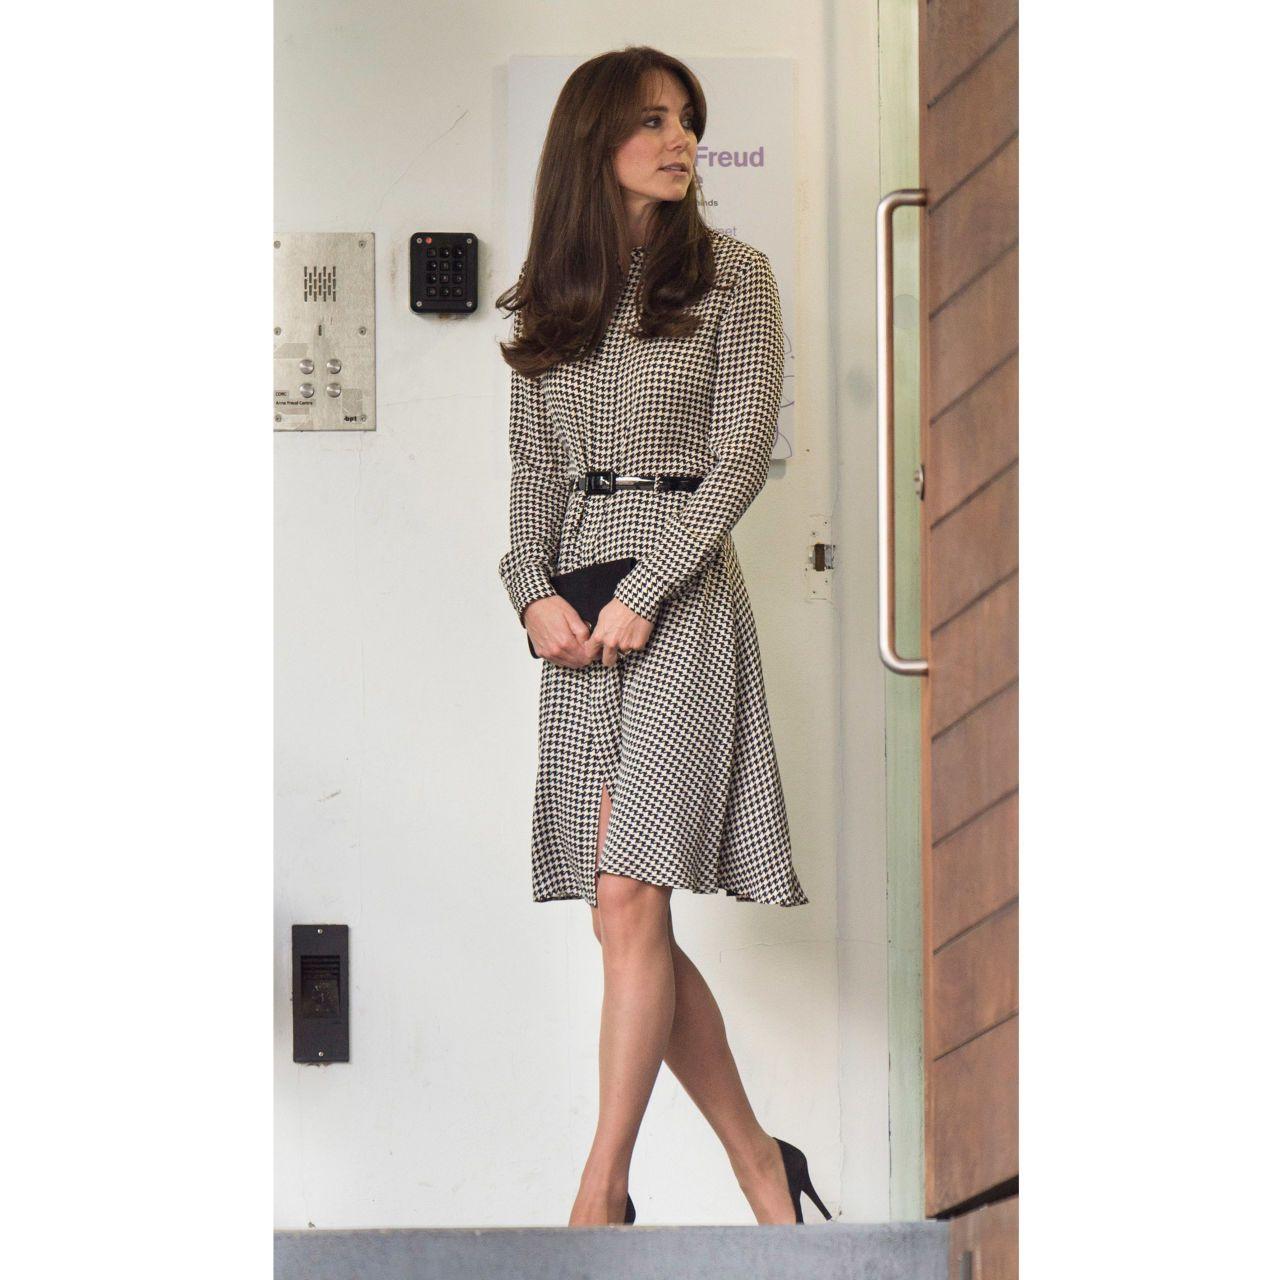 Kate Middleton Bangs 2015- Kate Middleton Hair 2015